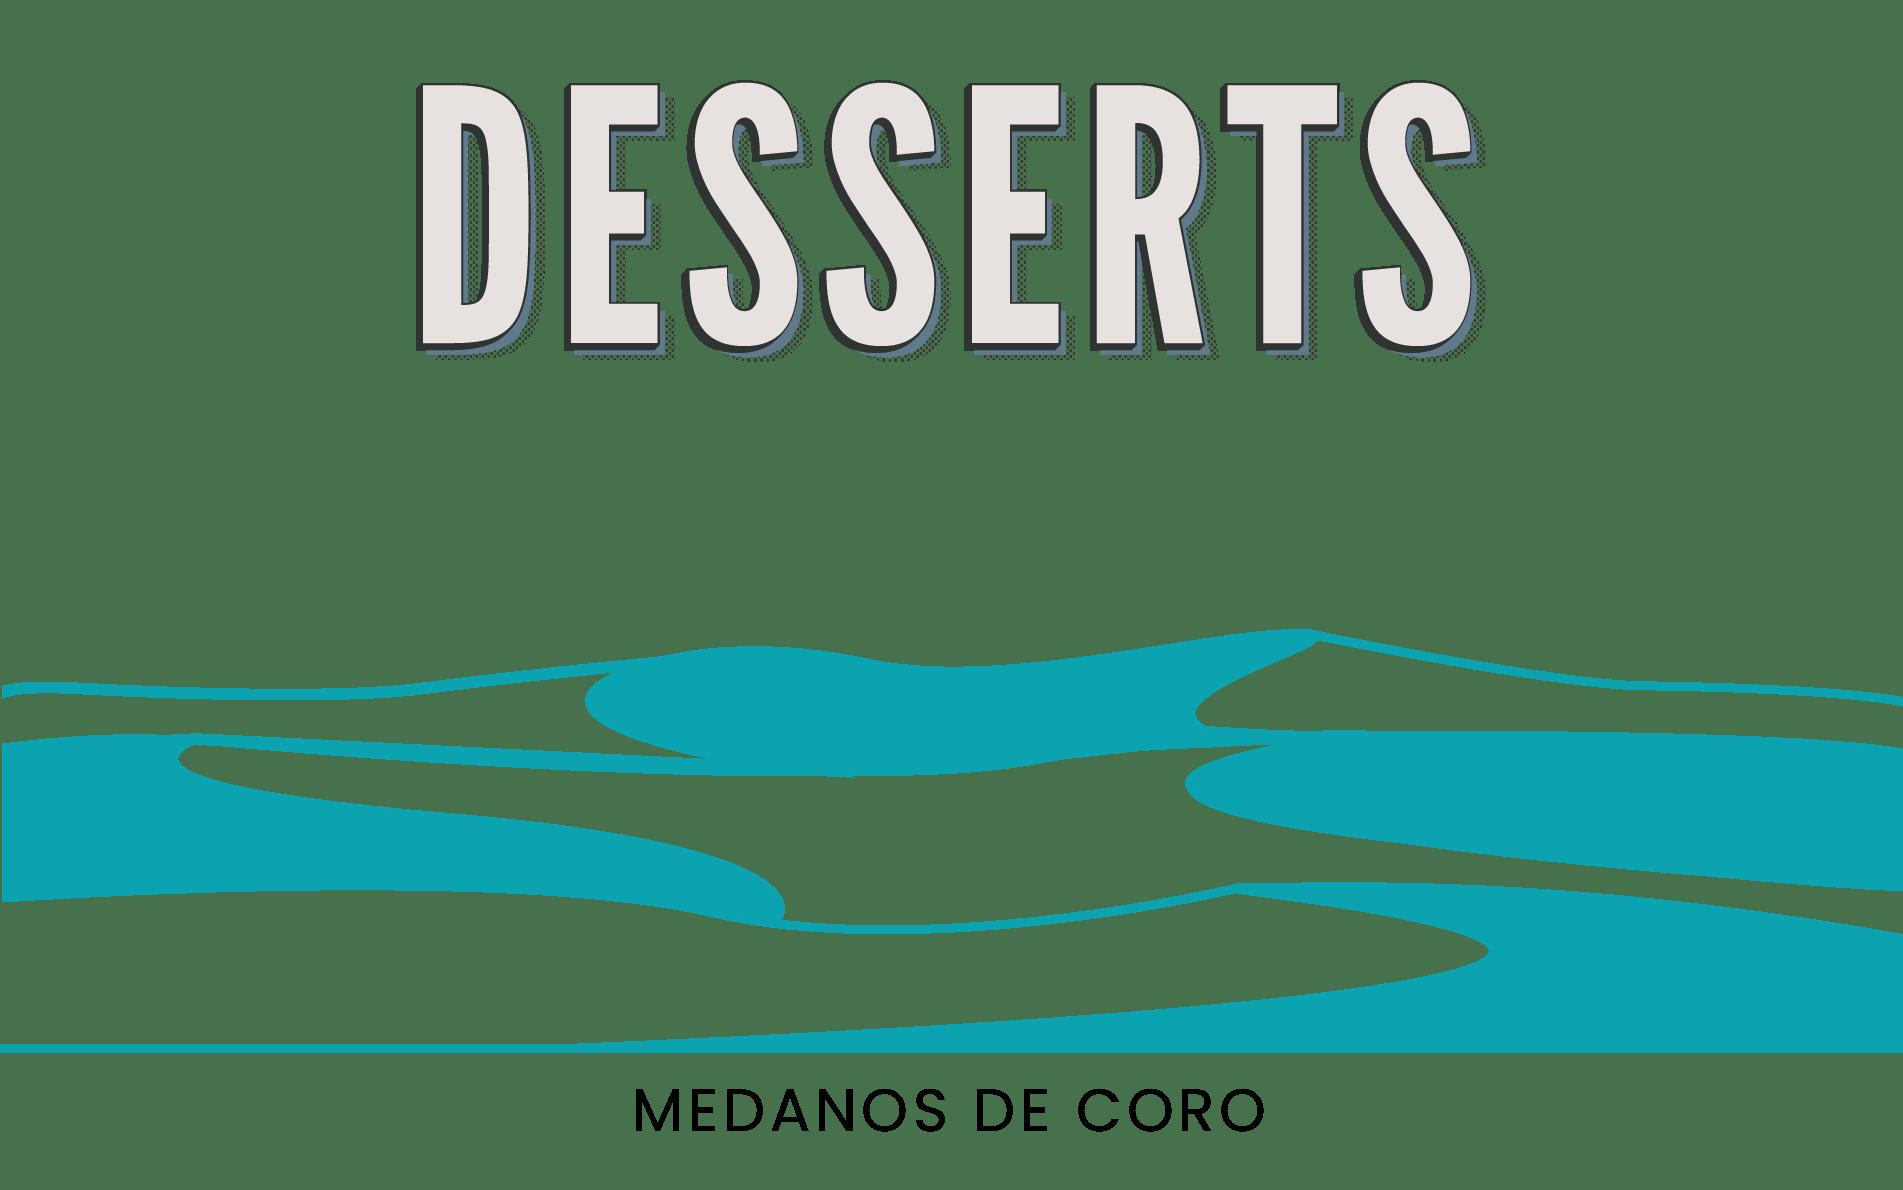 MEDANOS_DE_CORO_1